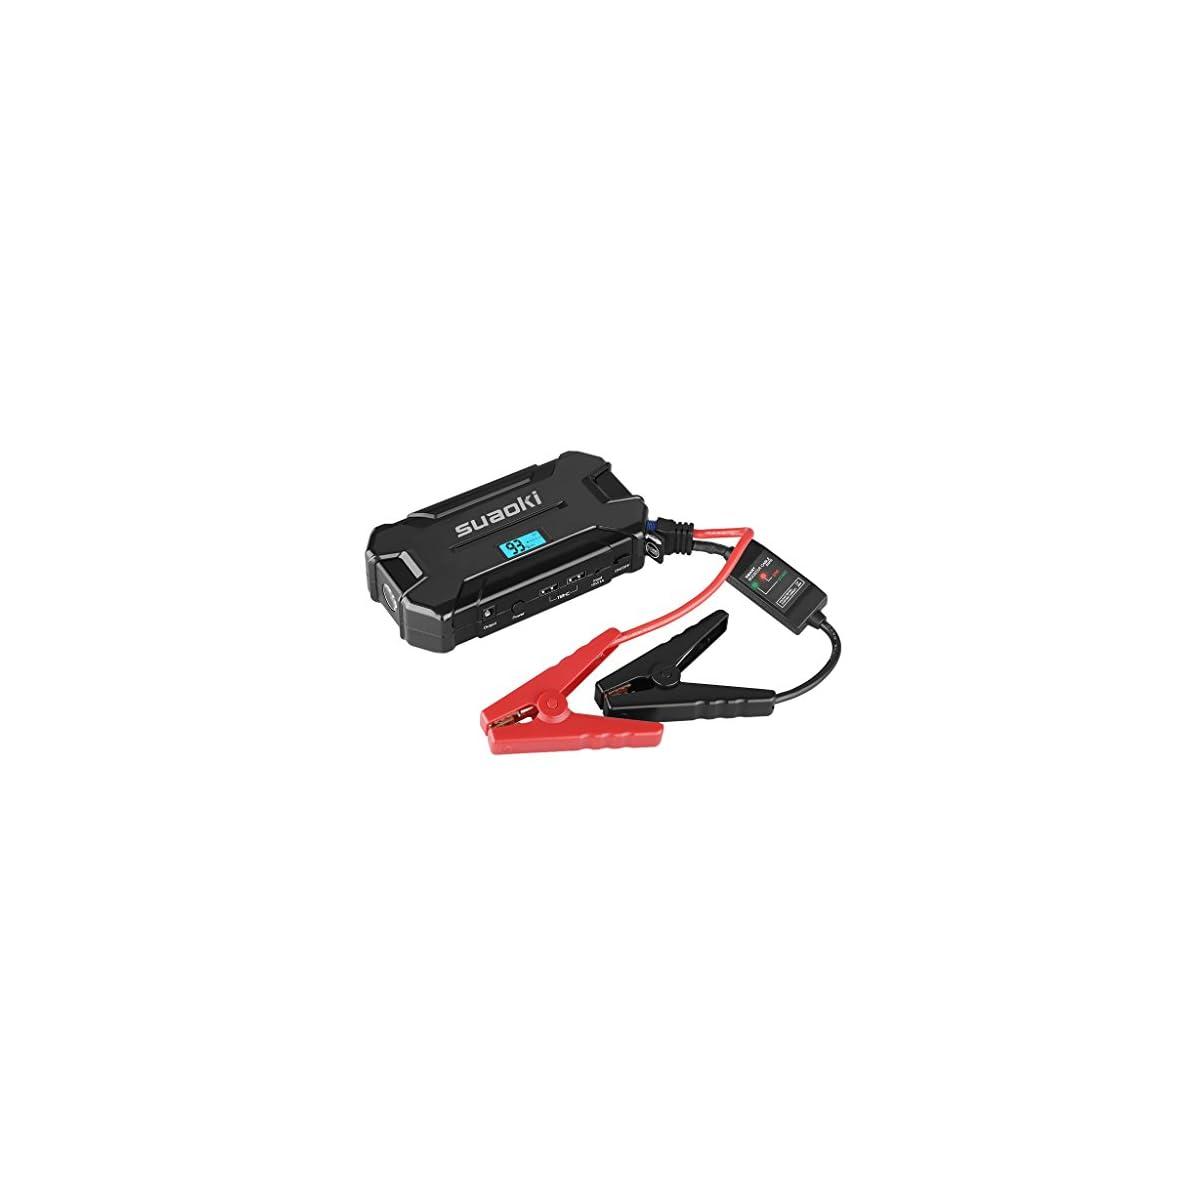 41jPr%2BFLKLL. SS1200  - SUAOKI D21 - Jump Starter Arrancador de 15000mAh, 500A Arranque de batería para Coche (Dual USB 2.1A bateria portátil para Smartphones, Tablets, LED SOS) Negro